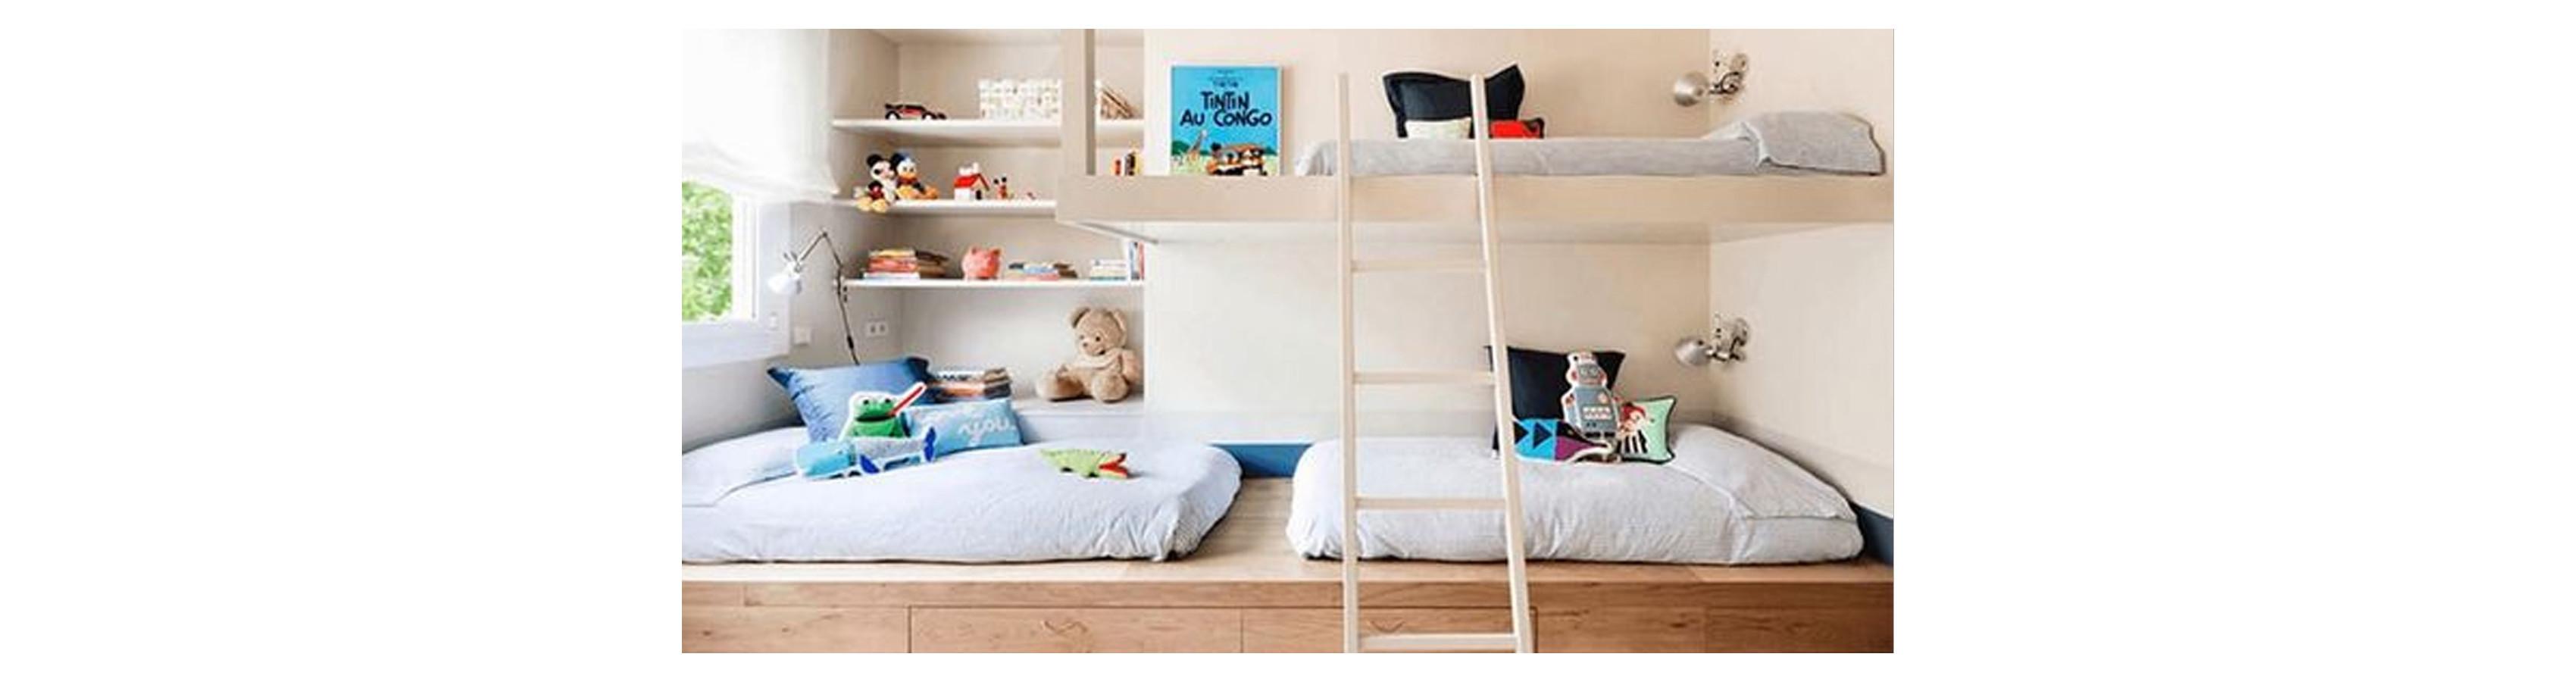 Une chambre pour plusieurs enfants | April Eleven - Blog d\'idées ...